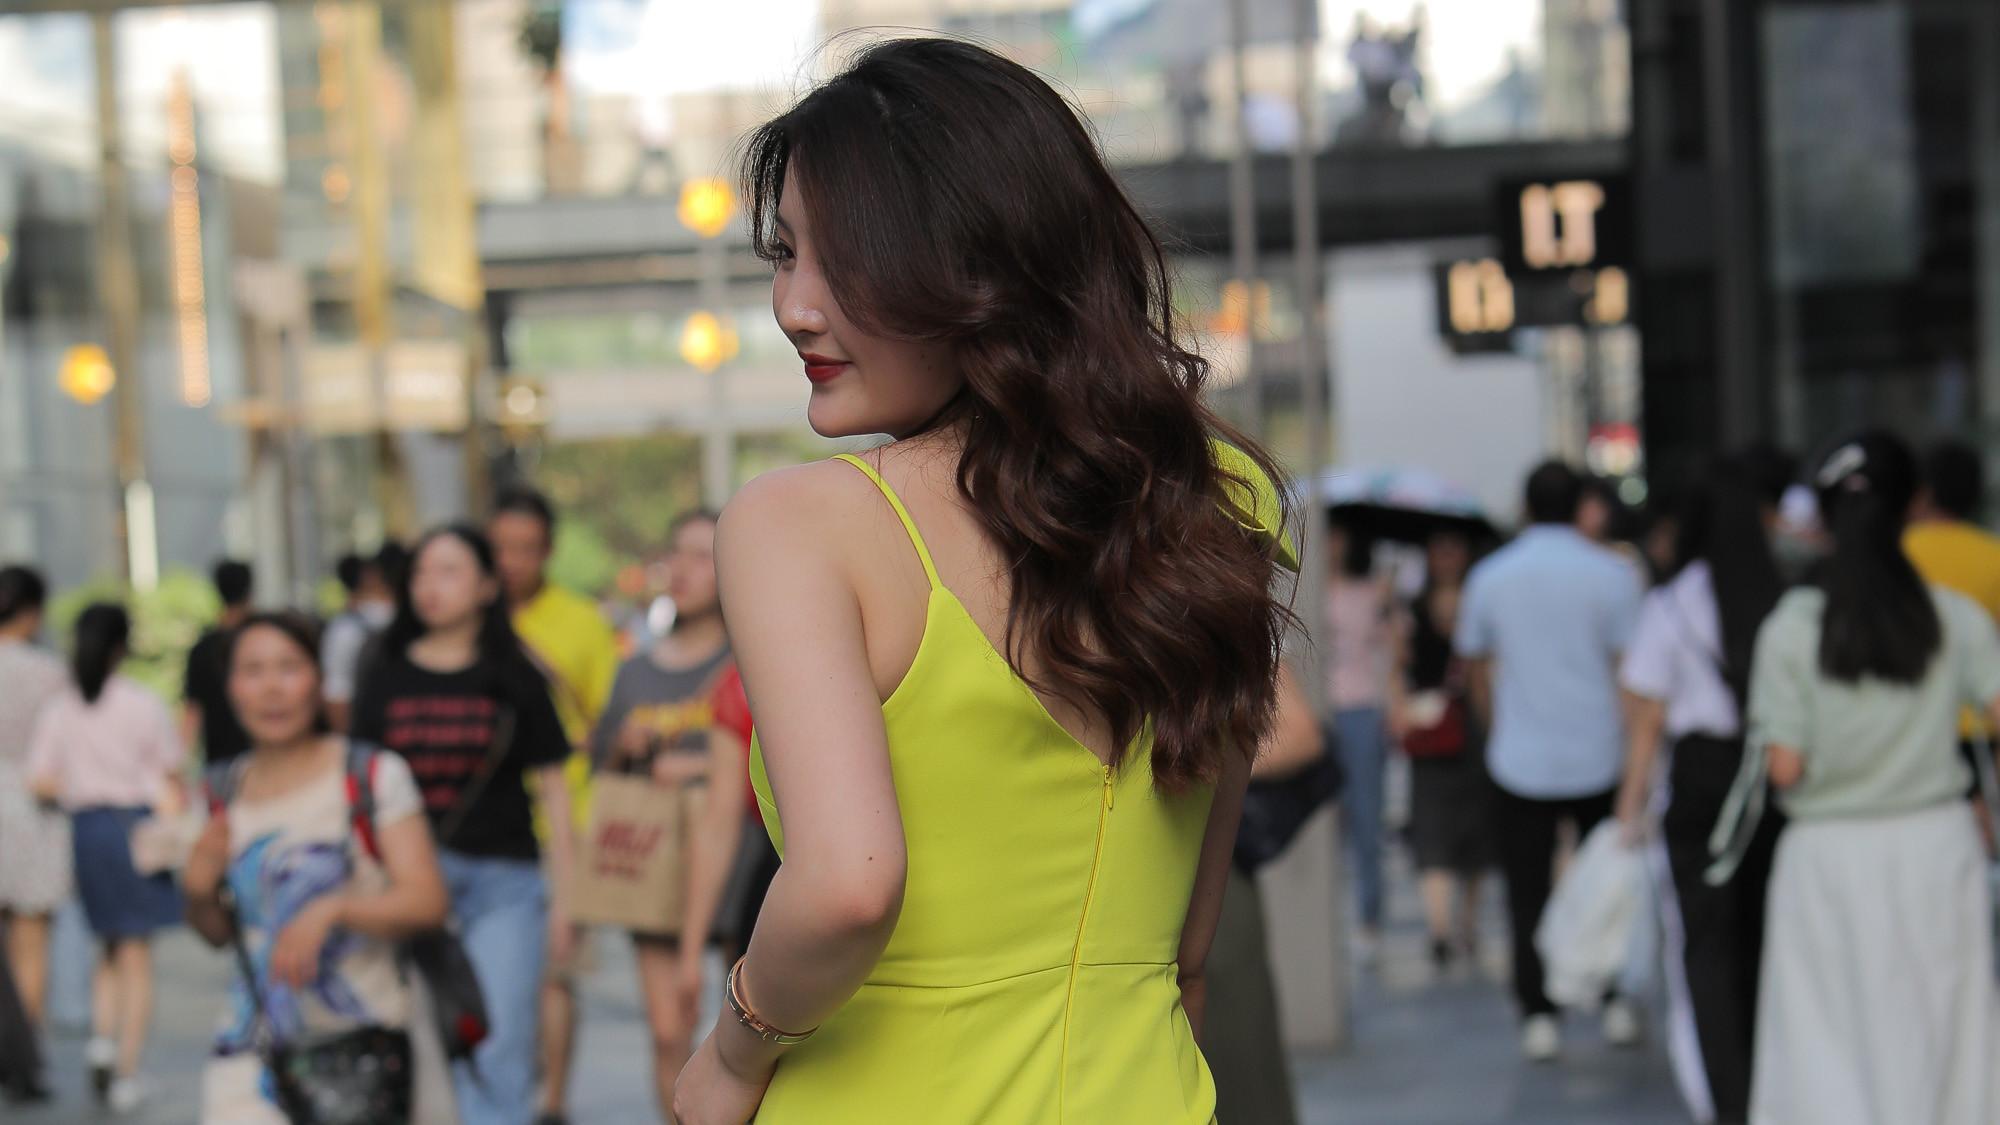 浅色连衣裙彰显高级气质,青春活力